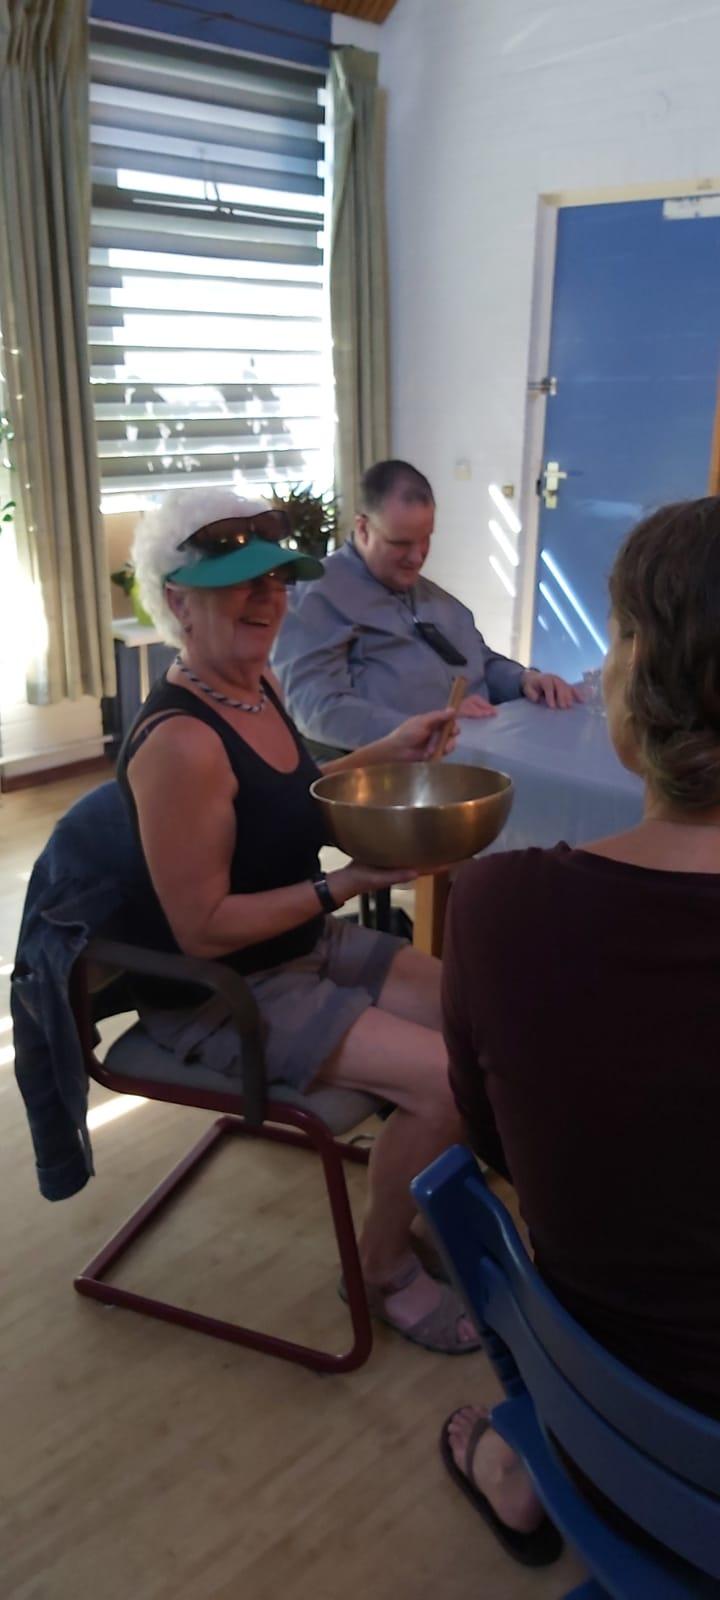 Anneke ervaart de klank van de grootste klankschaal die Mareen heeft meegebracht. Dat is een klankschaal waarvan het geluid kan doordringen tot aan het bekken.